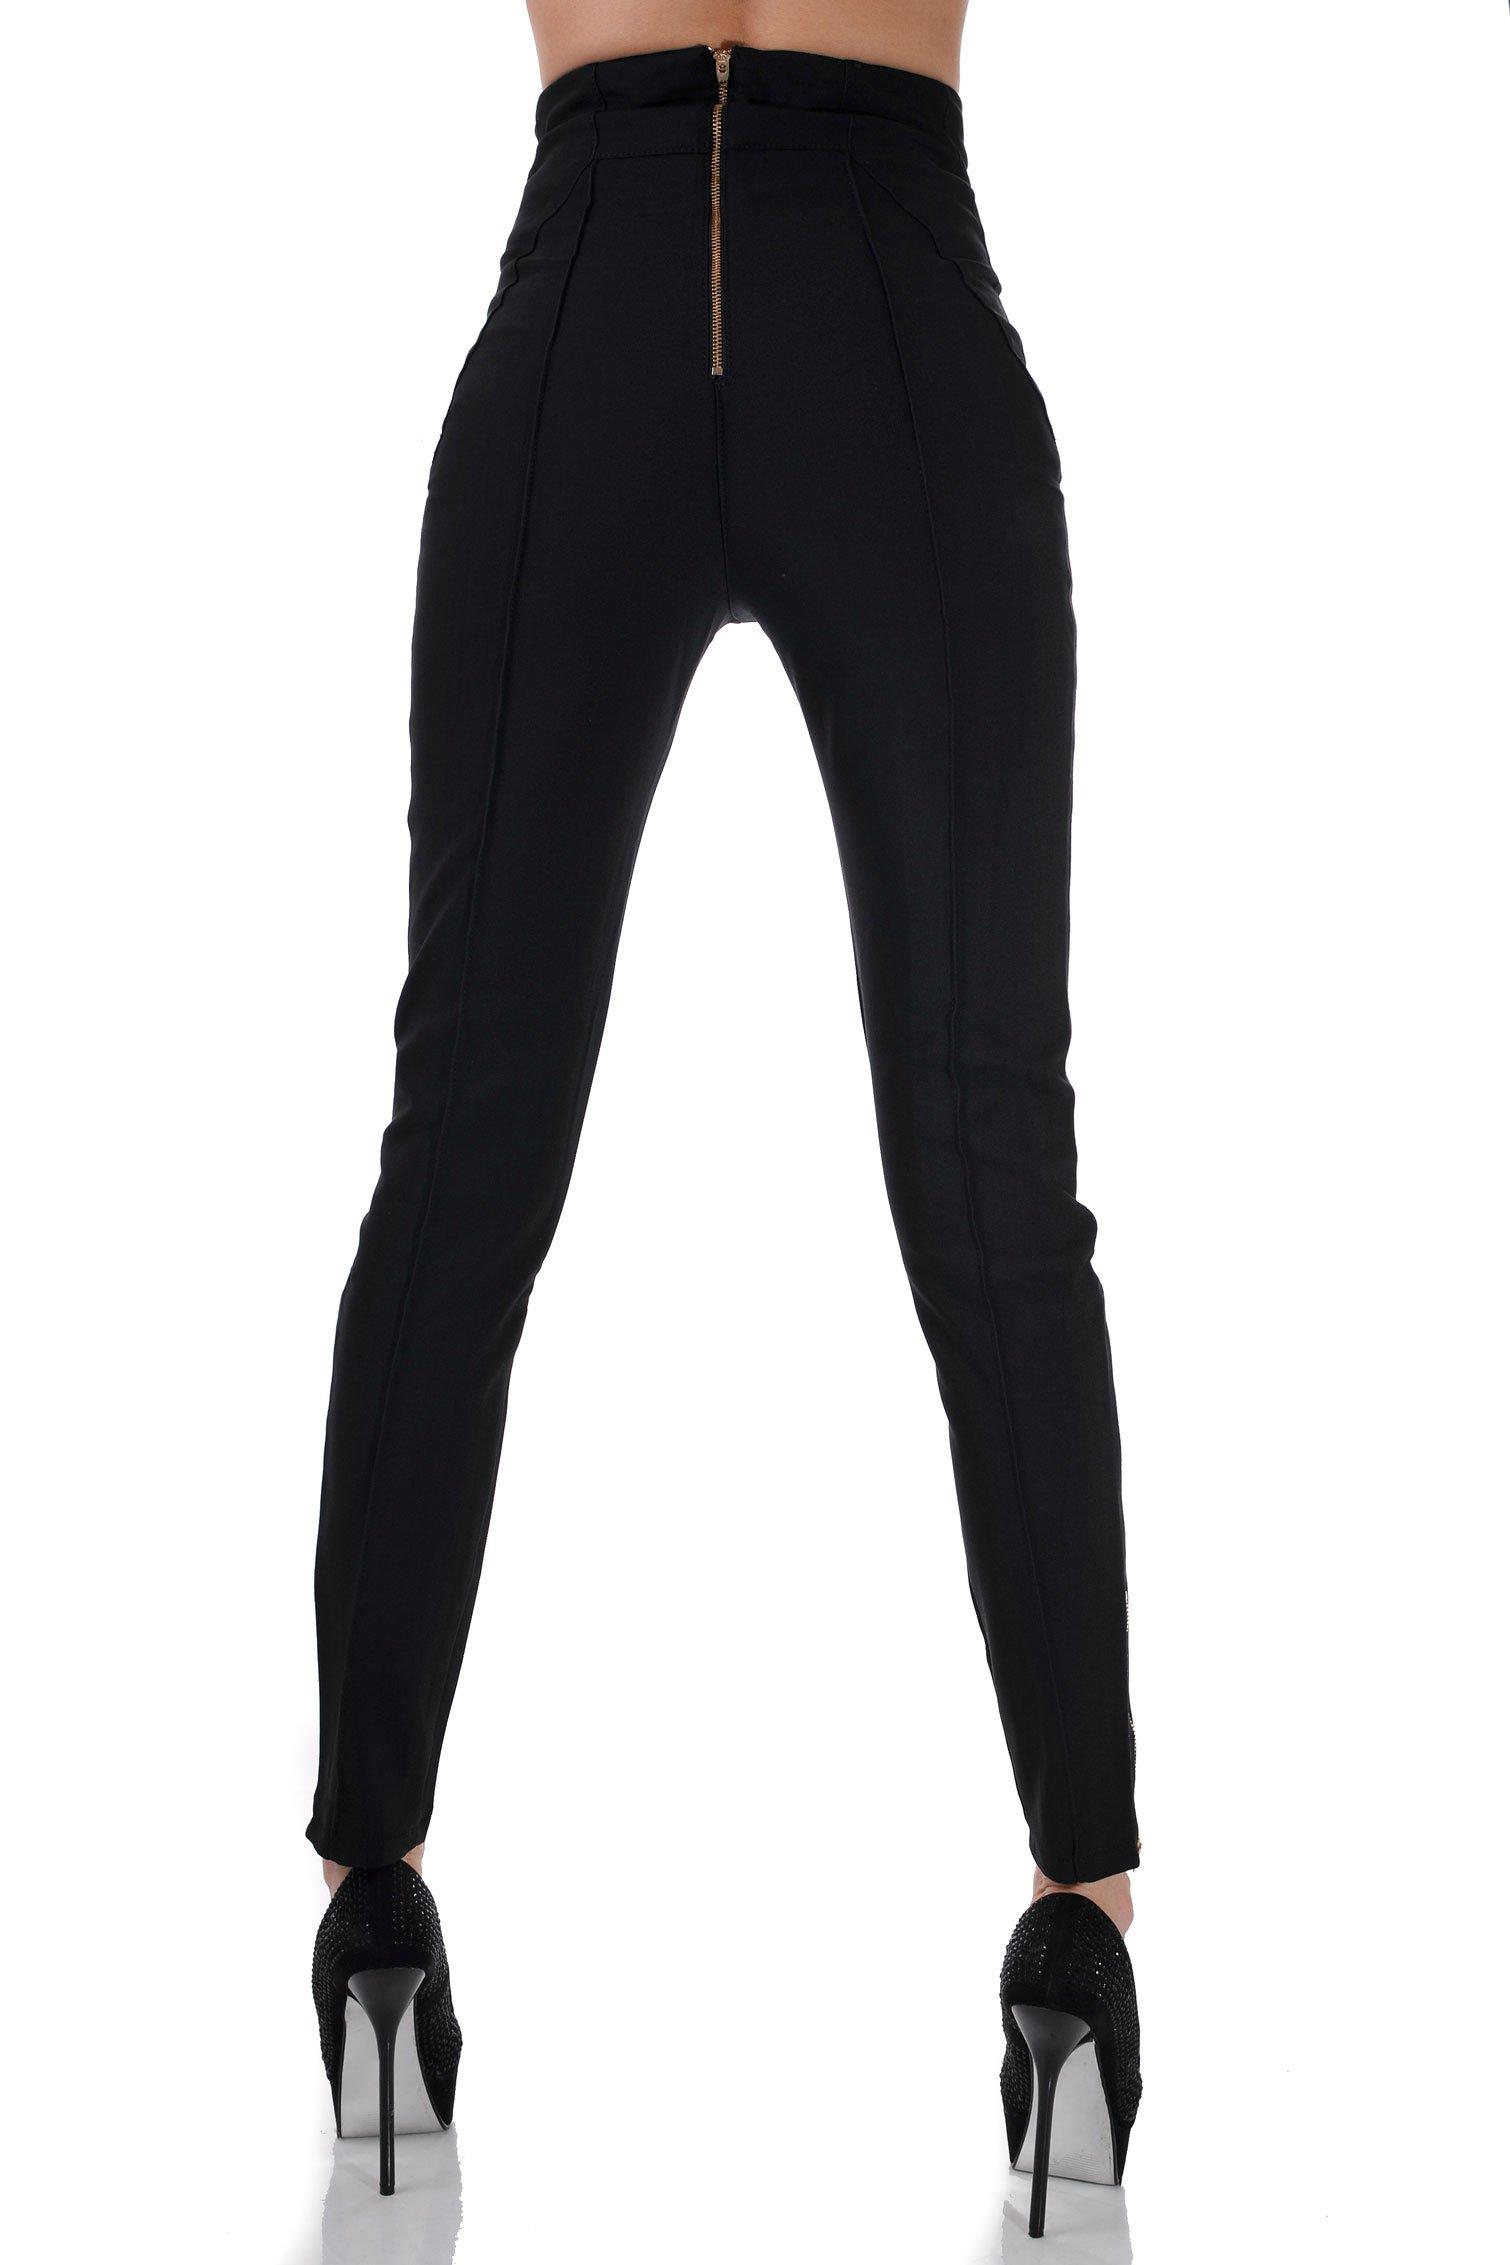 30b02592562 Панталон с висока талия черен 4   Бутик ADDICT